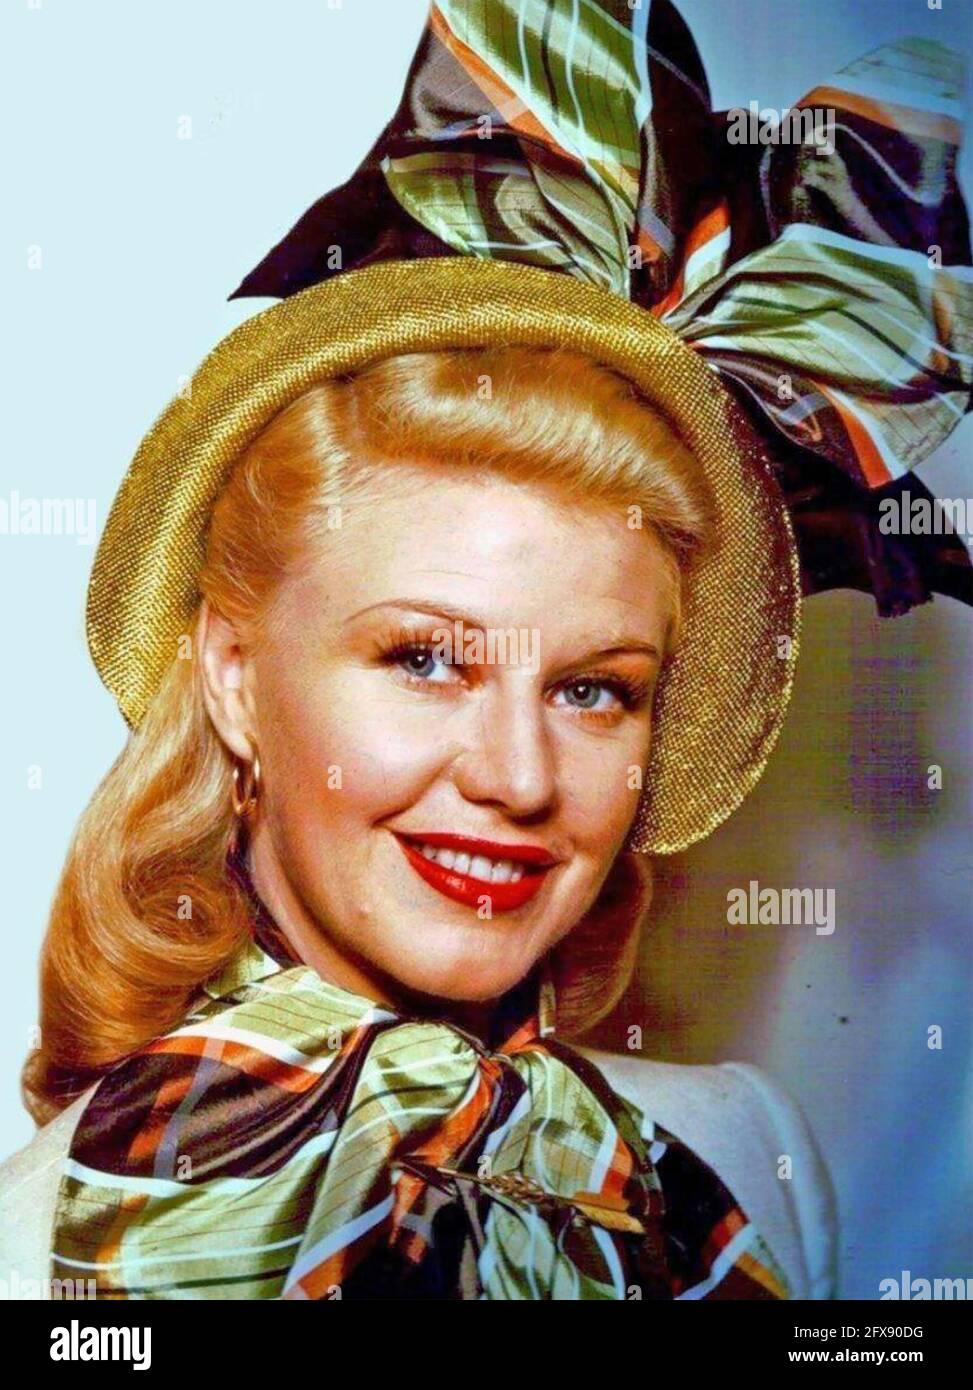 GINGER ROGERS (1911-1995) actrice et danseuse américaine vers 1943 Banque D'Images